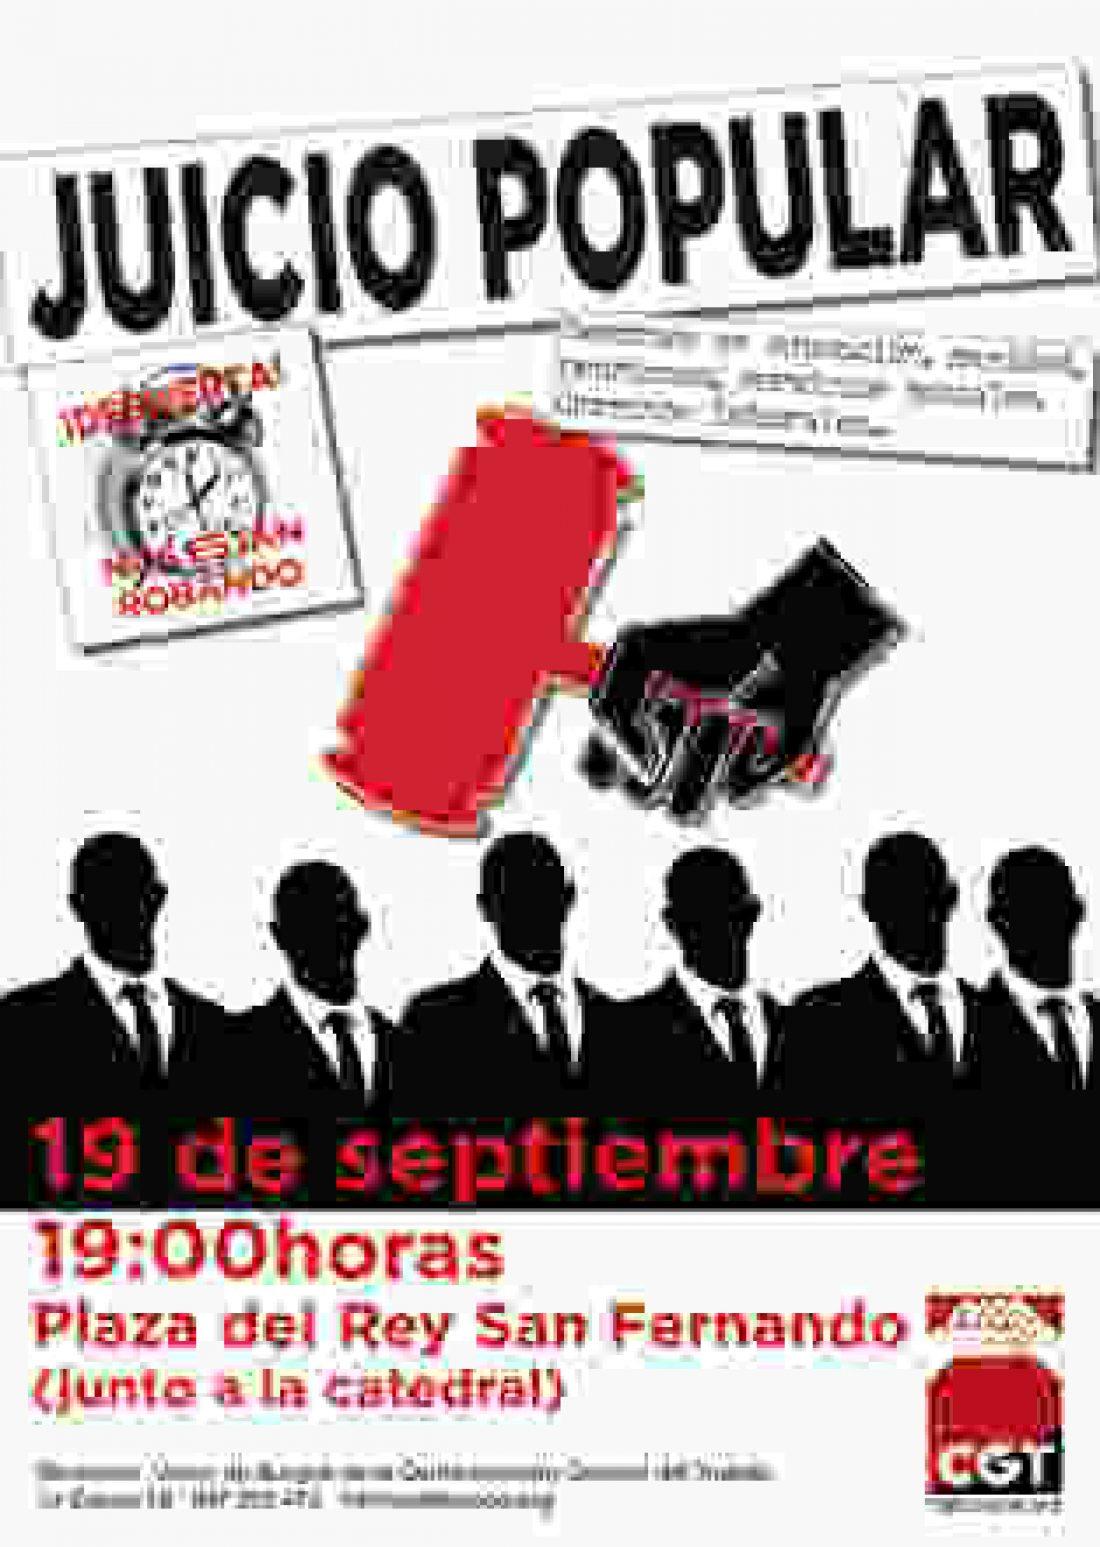 Burgos. Juicio popular contra los responsables del saqueo de nuestros derecho sociales